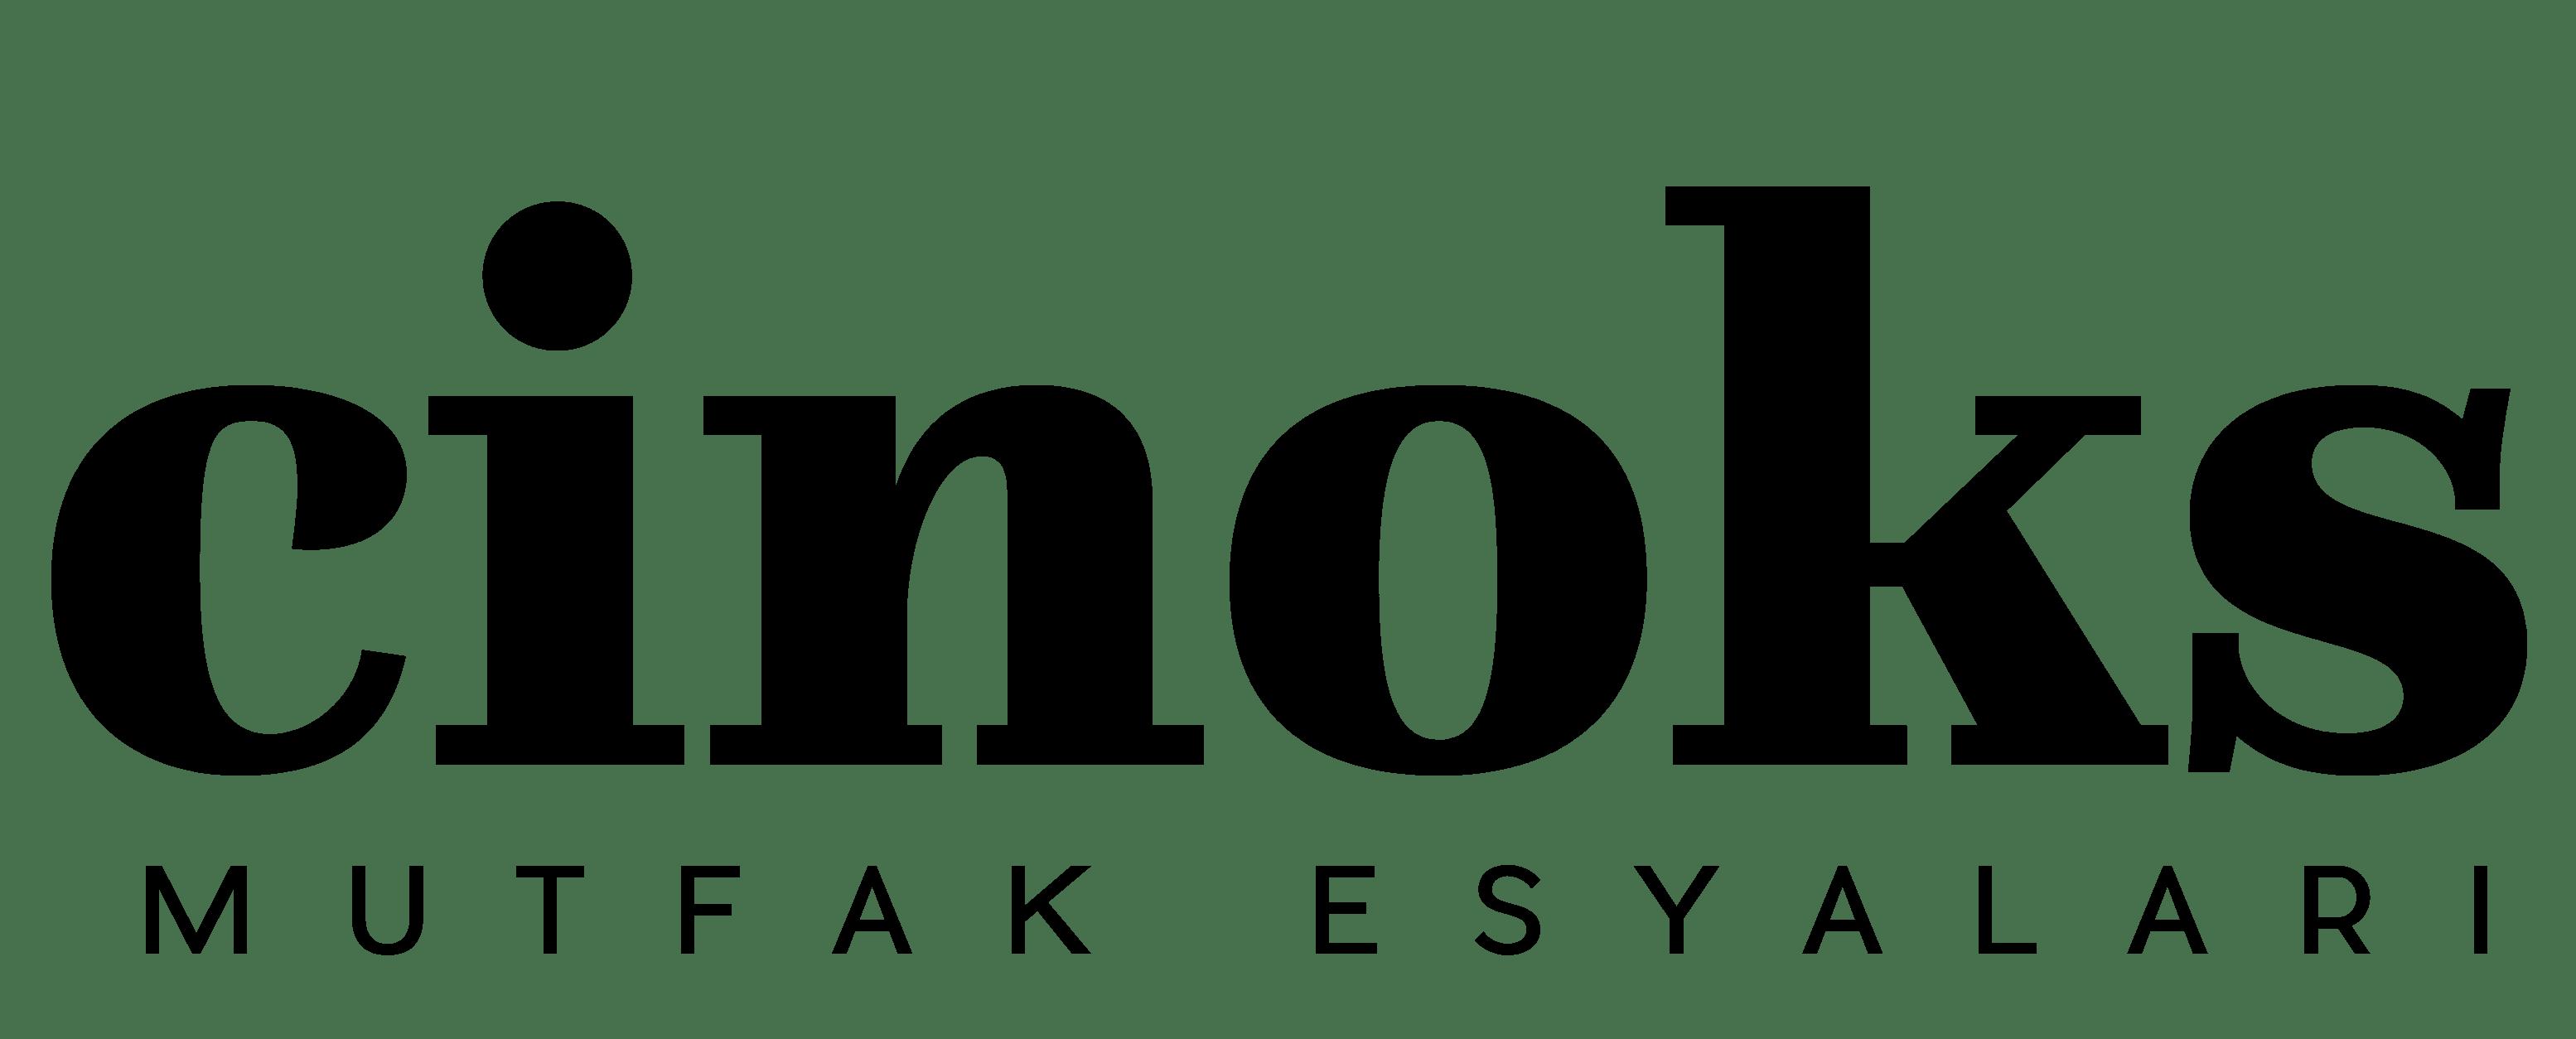 Cinoks Mutfak Eşyaları San Tic Ltd Sti cinox ithalat